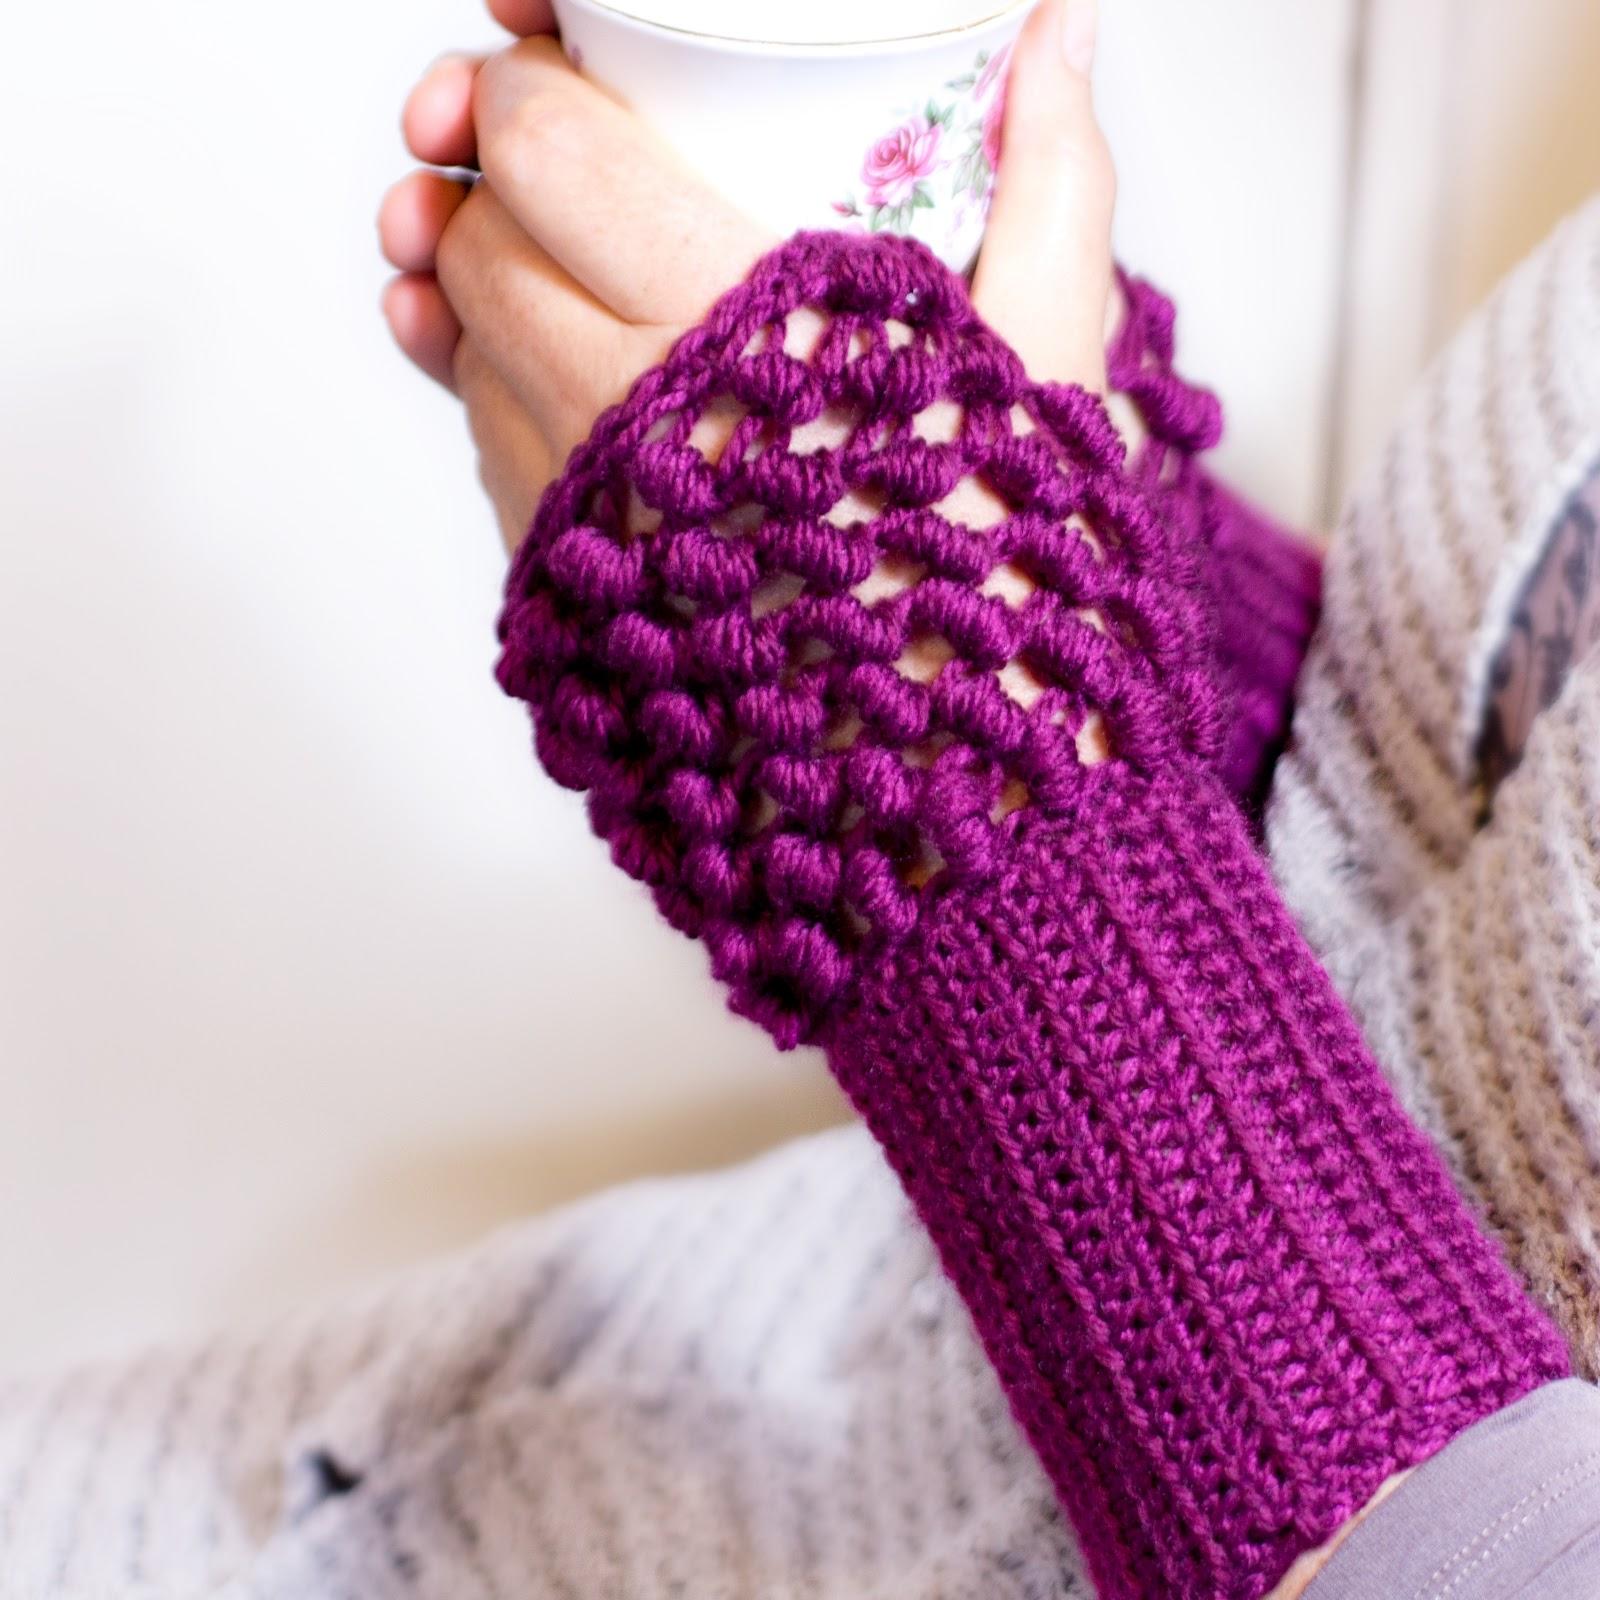 Fingerless gloves crochet pattern for beginners - Hope You All Enjoyed This Pattern